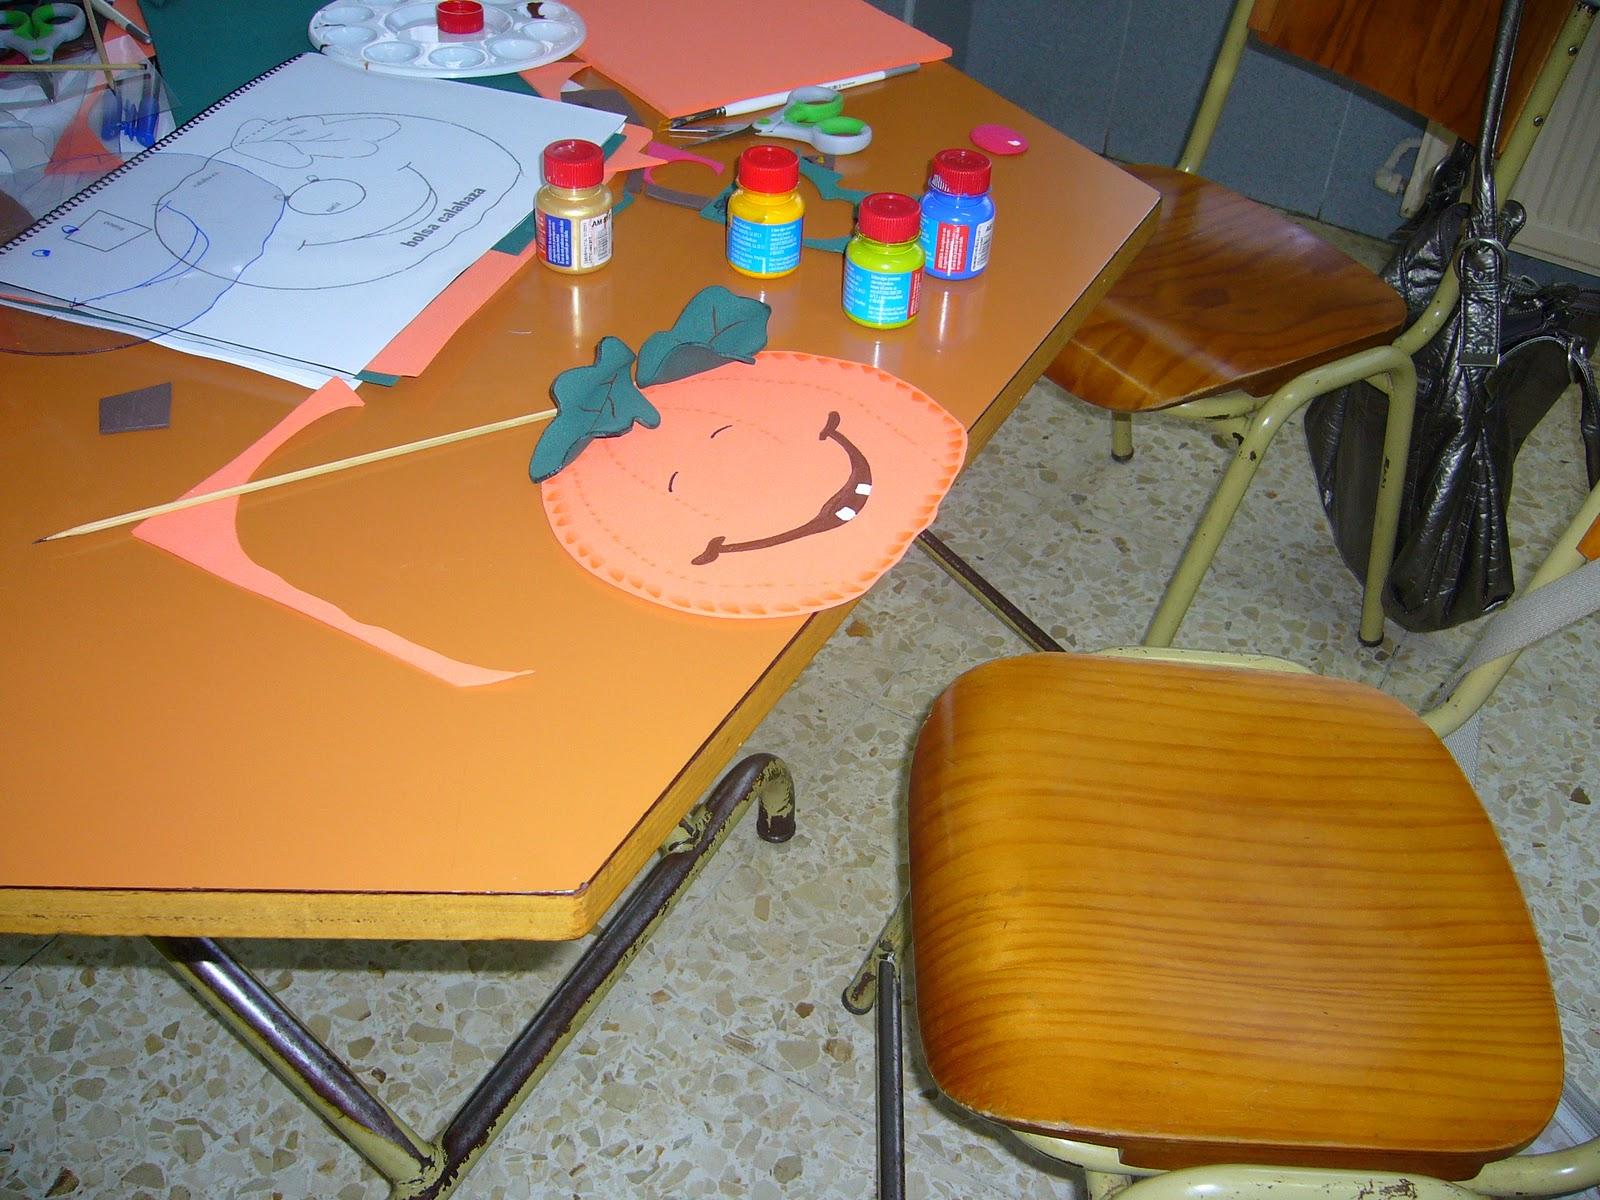 http://4.bp.blogspot.com/_UwtWR98eE-g/TKharv-hB0I/AAAAAAAAA-Q/i1-OZS2oH4Q/s1600/curso+Trabada-Lugo+014.JPG